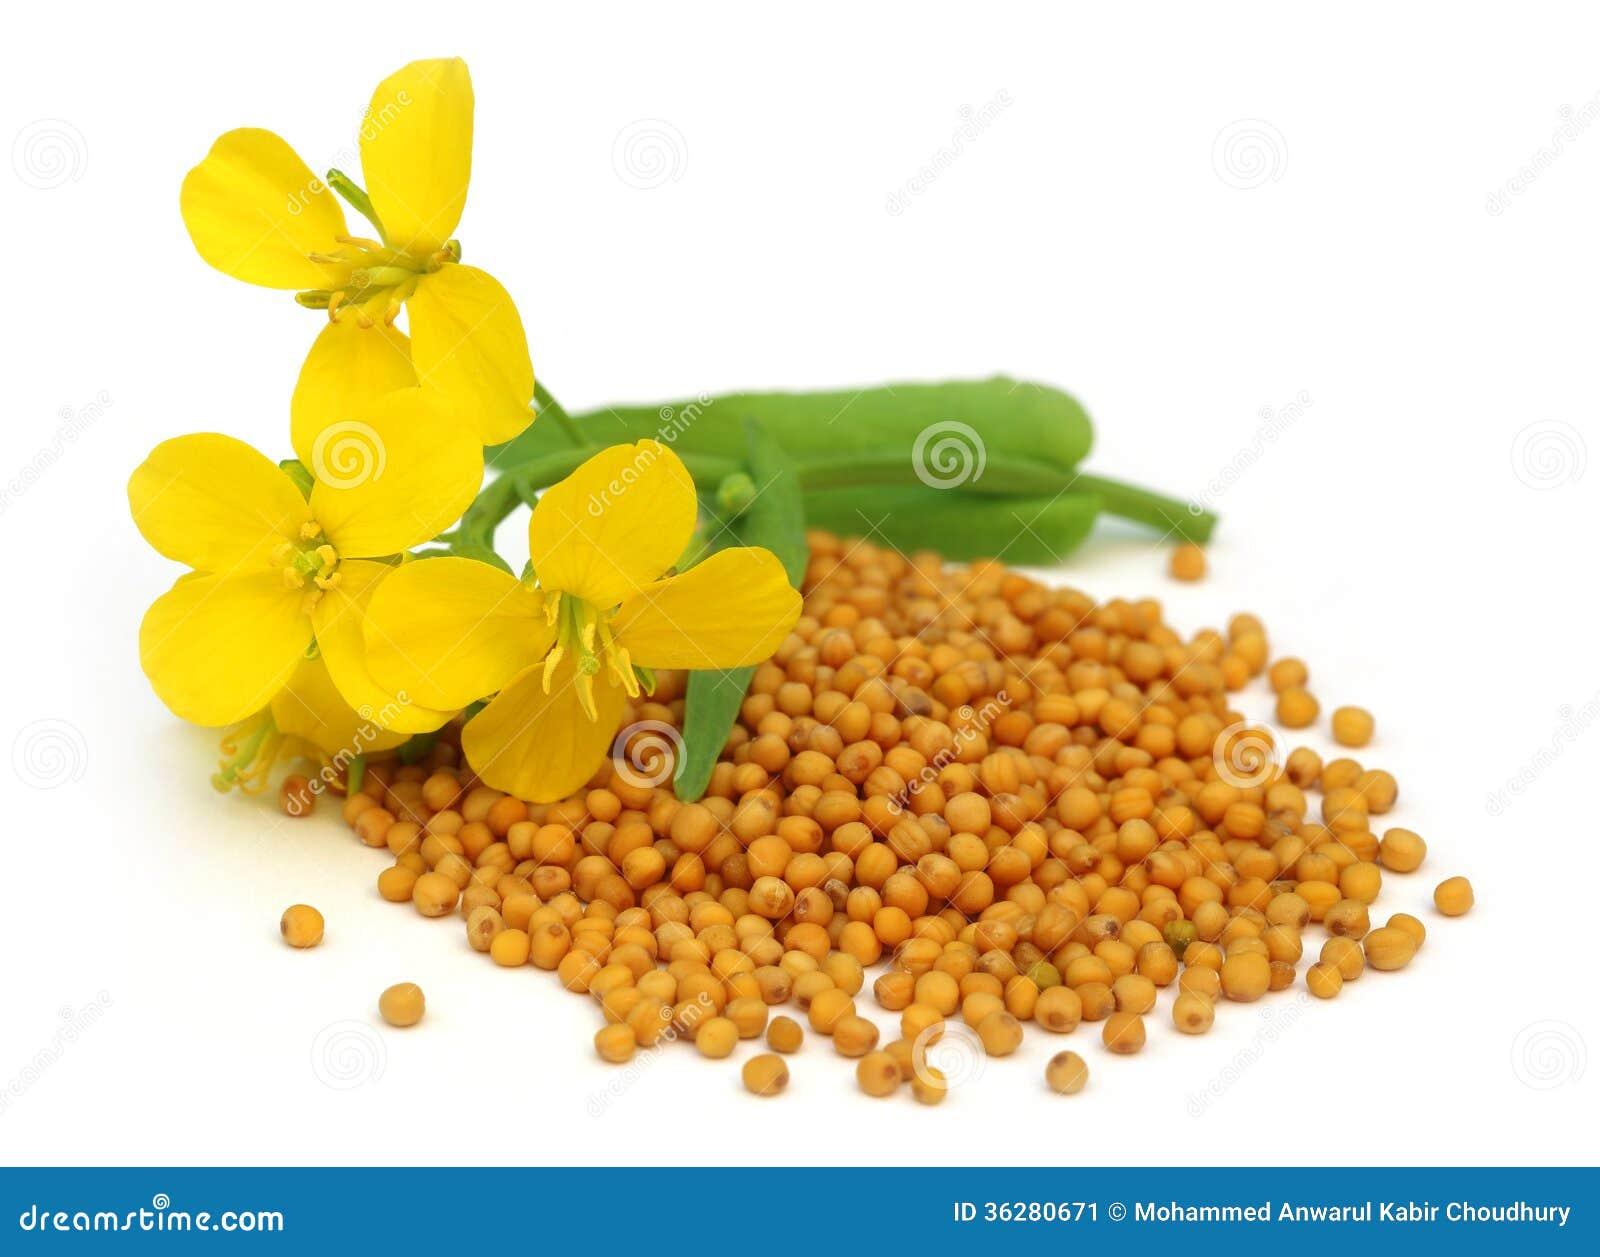 fleur de moutarde avec des graines image stock image 36280671. Black Bedroom Furniture Sets. Home Design Ideas